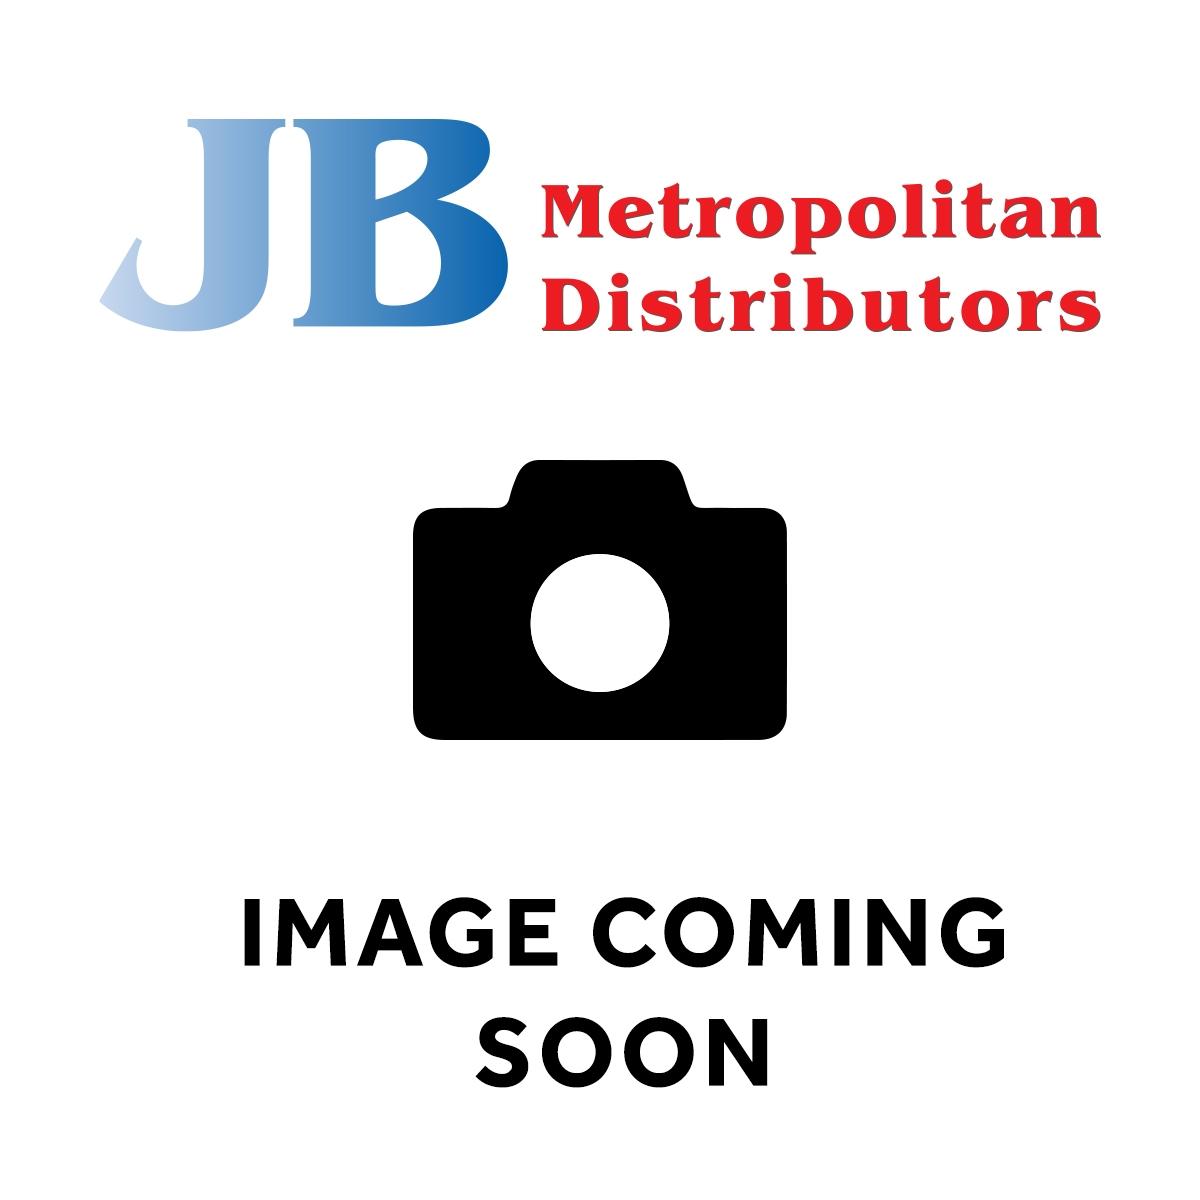 125G JOHN WEST TUNA SLICES IN SPRINGWATER